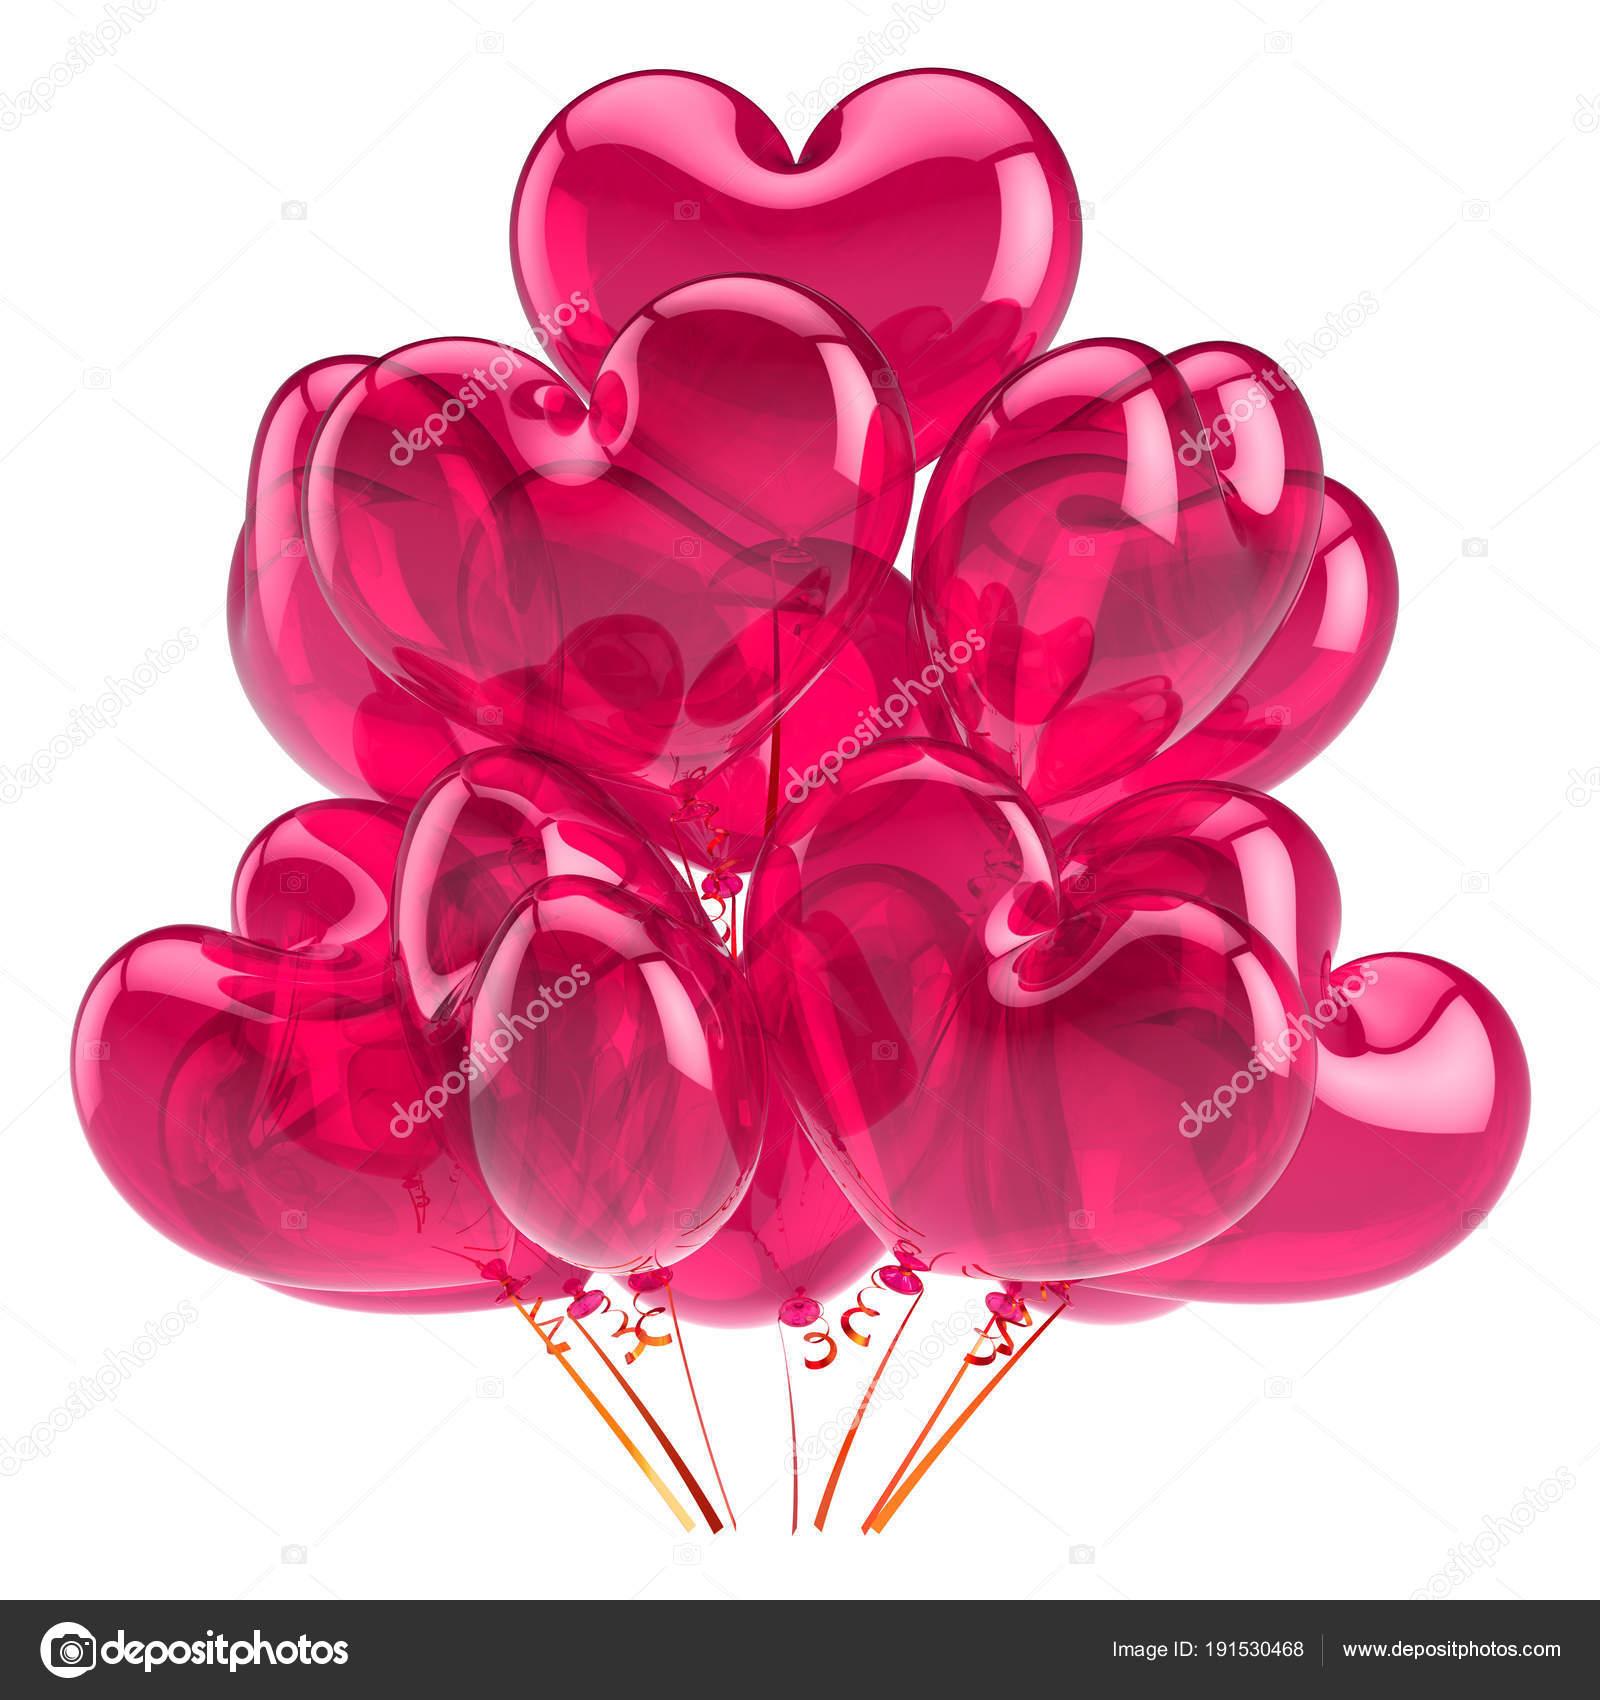 Сердце картинки с поздравлением дня рождения фото 379